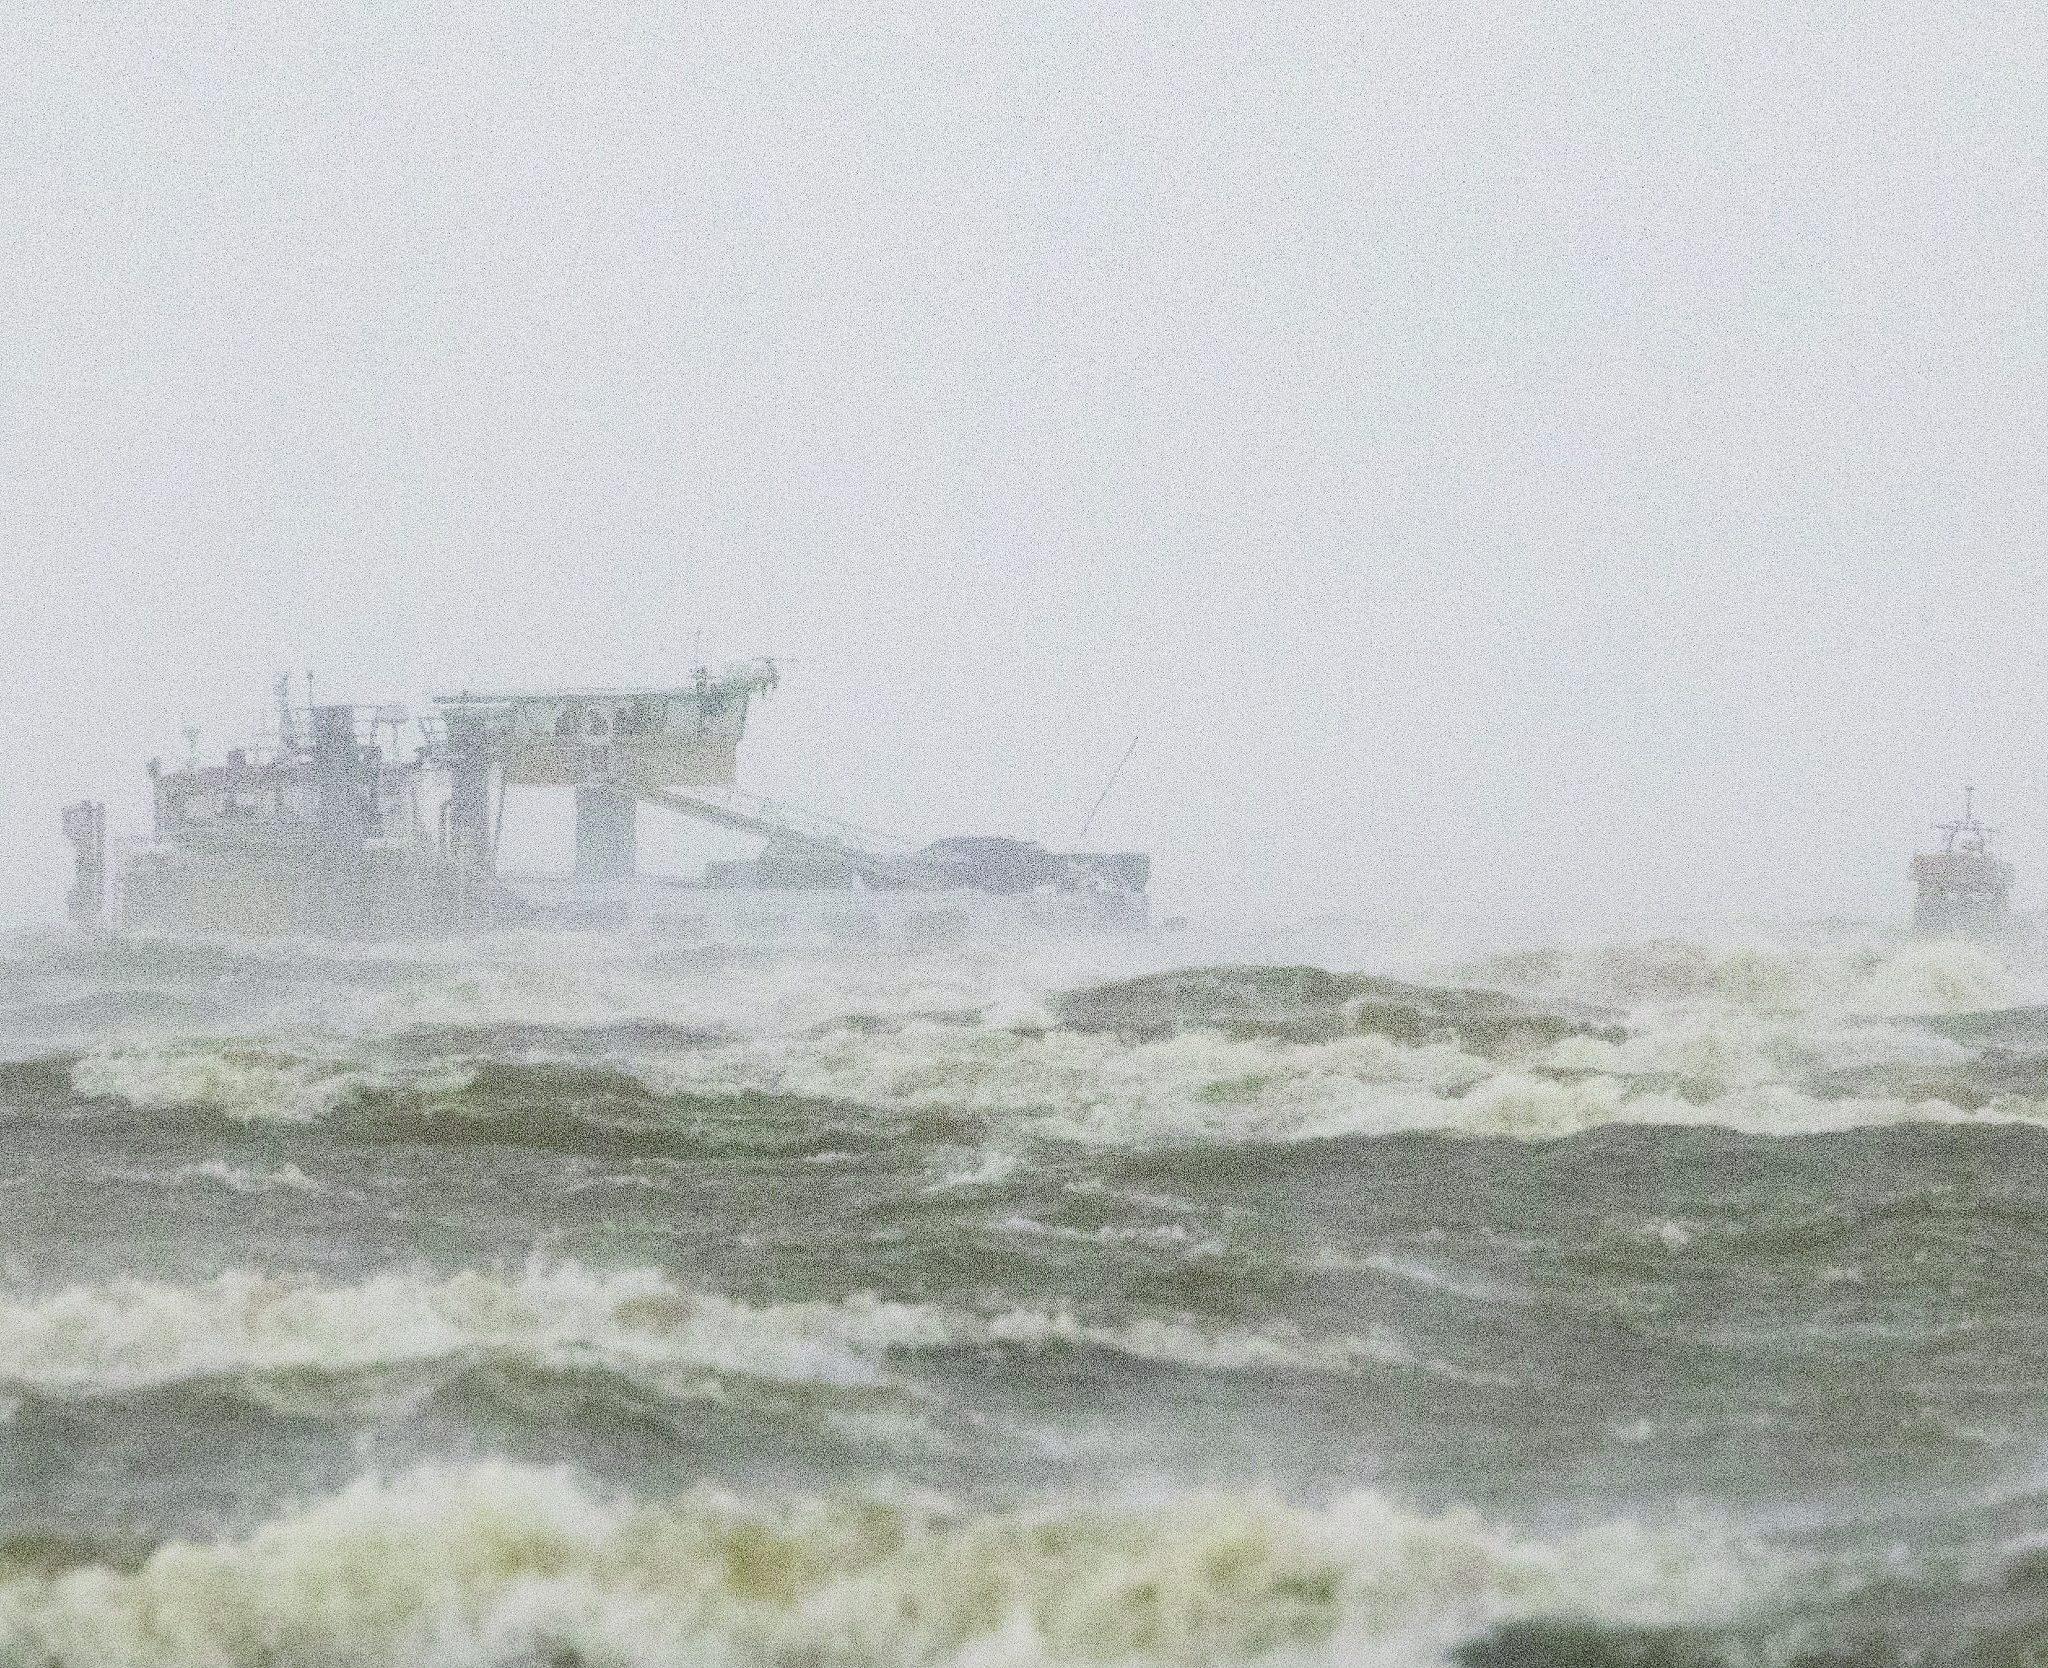 De opvarenden van de Rehoboth wachten in vliegende storm op hulp van de KNRM. Foto Jaring Rispens